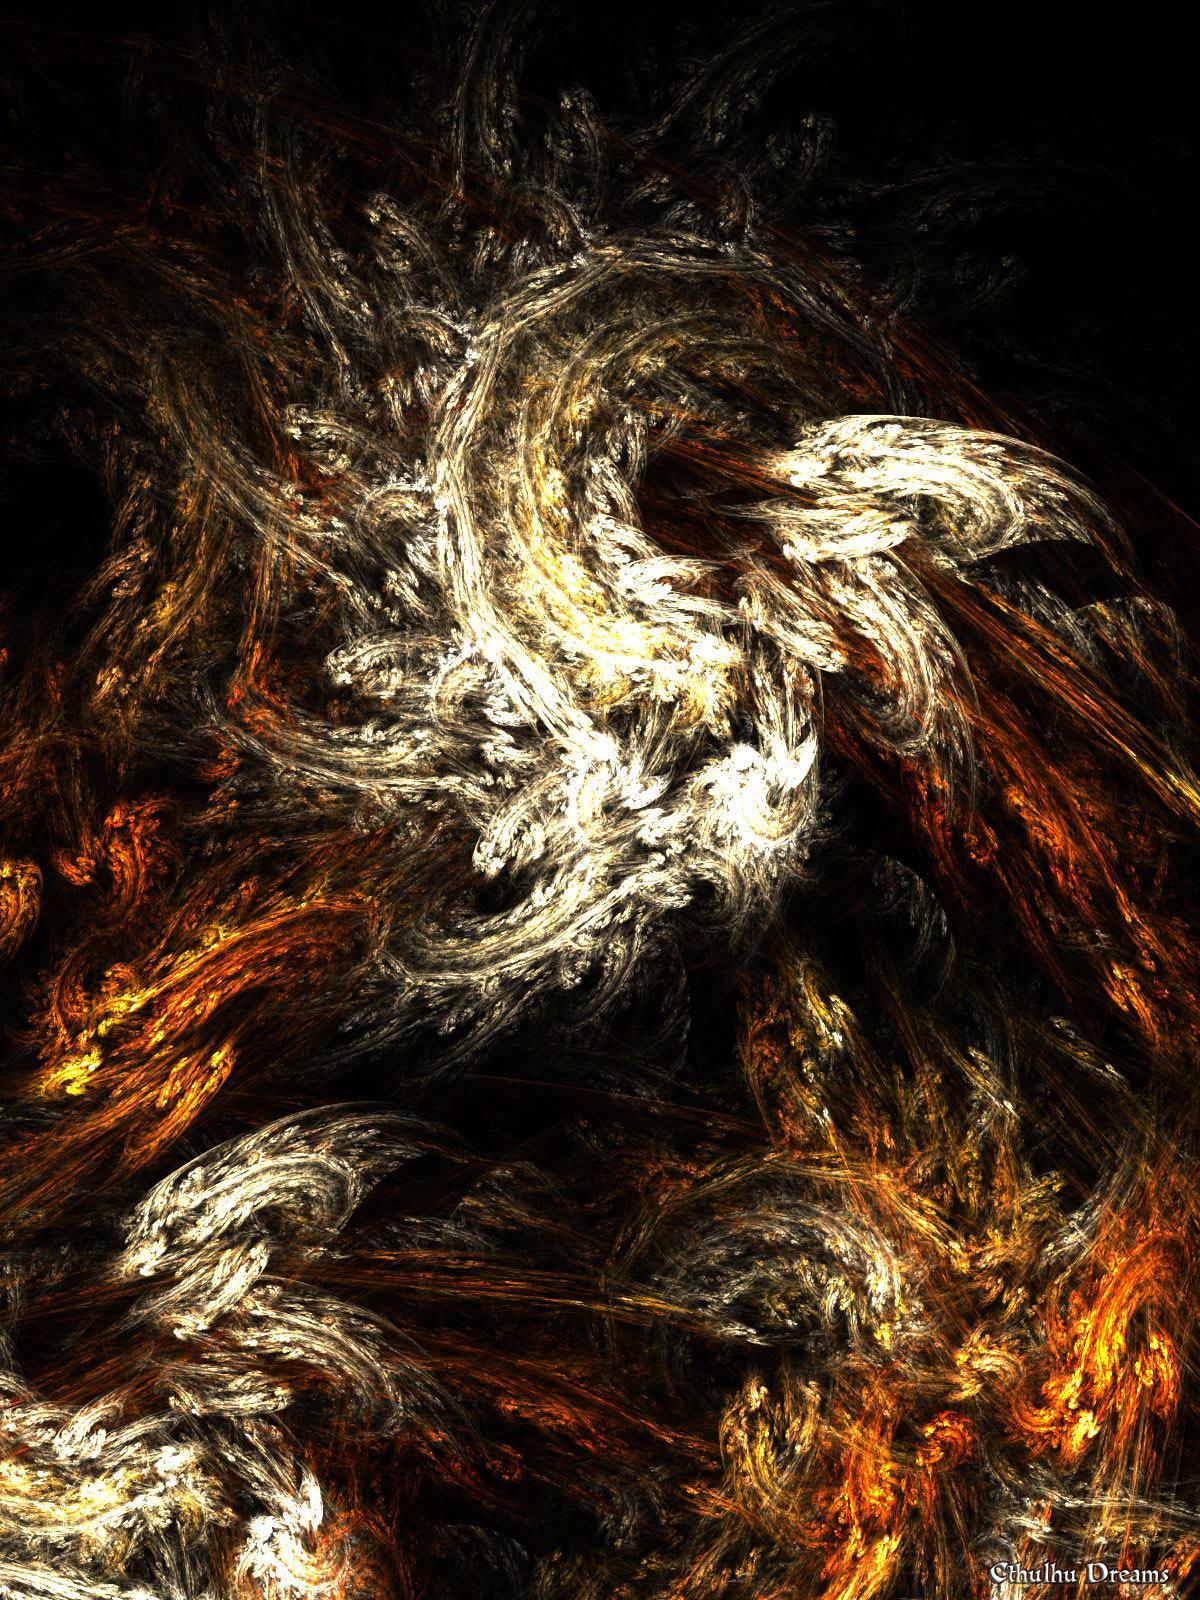 Cthulhu Dreams by FrostTLU